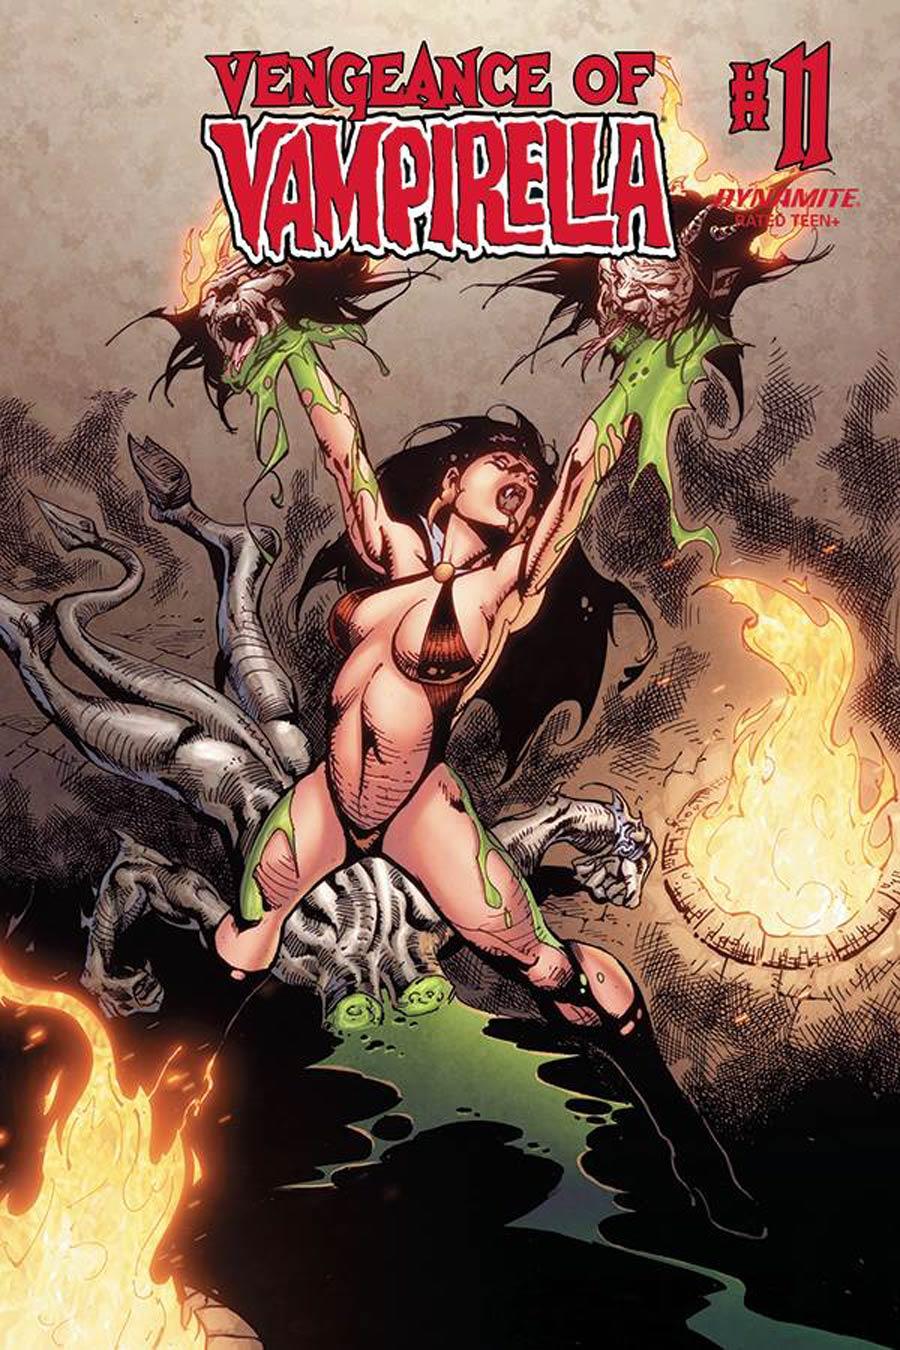 Vengeance Of Vampirella Vol 2 #11 Cover E Variant Roberto Castro Cover